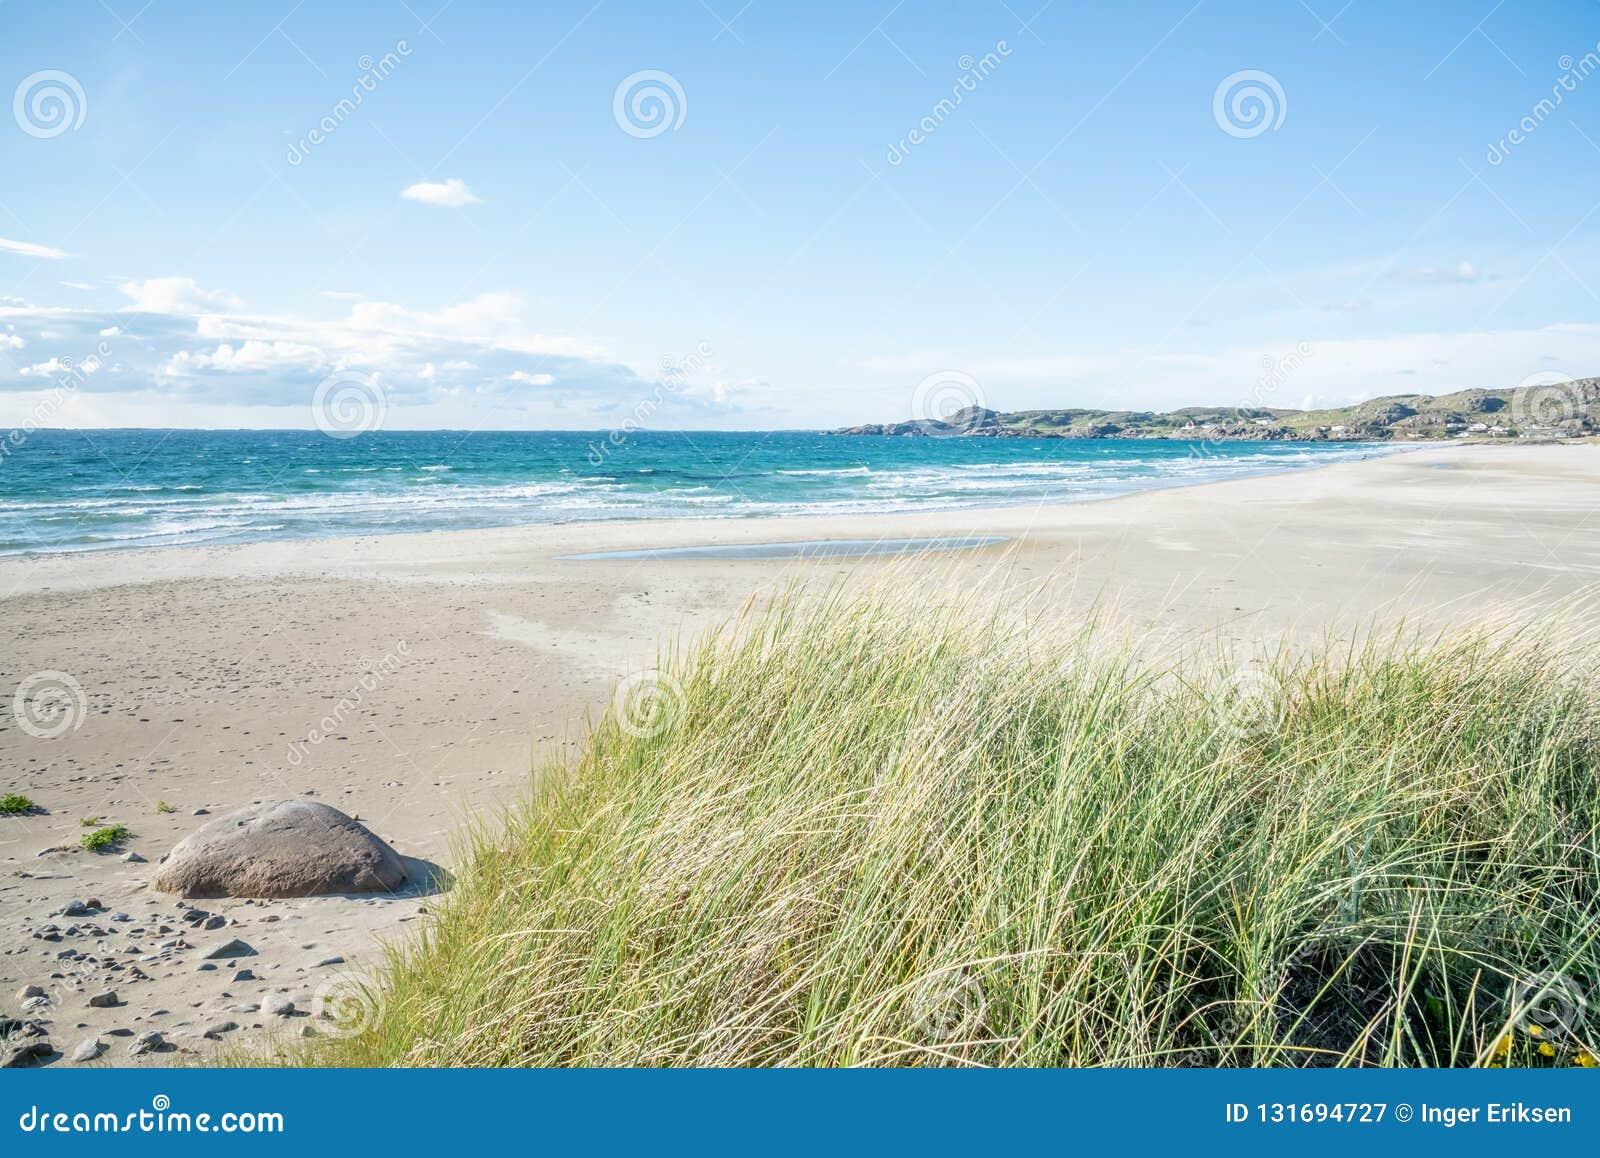 Hellestø beach and sand dunes outside Stavanger, Norway